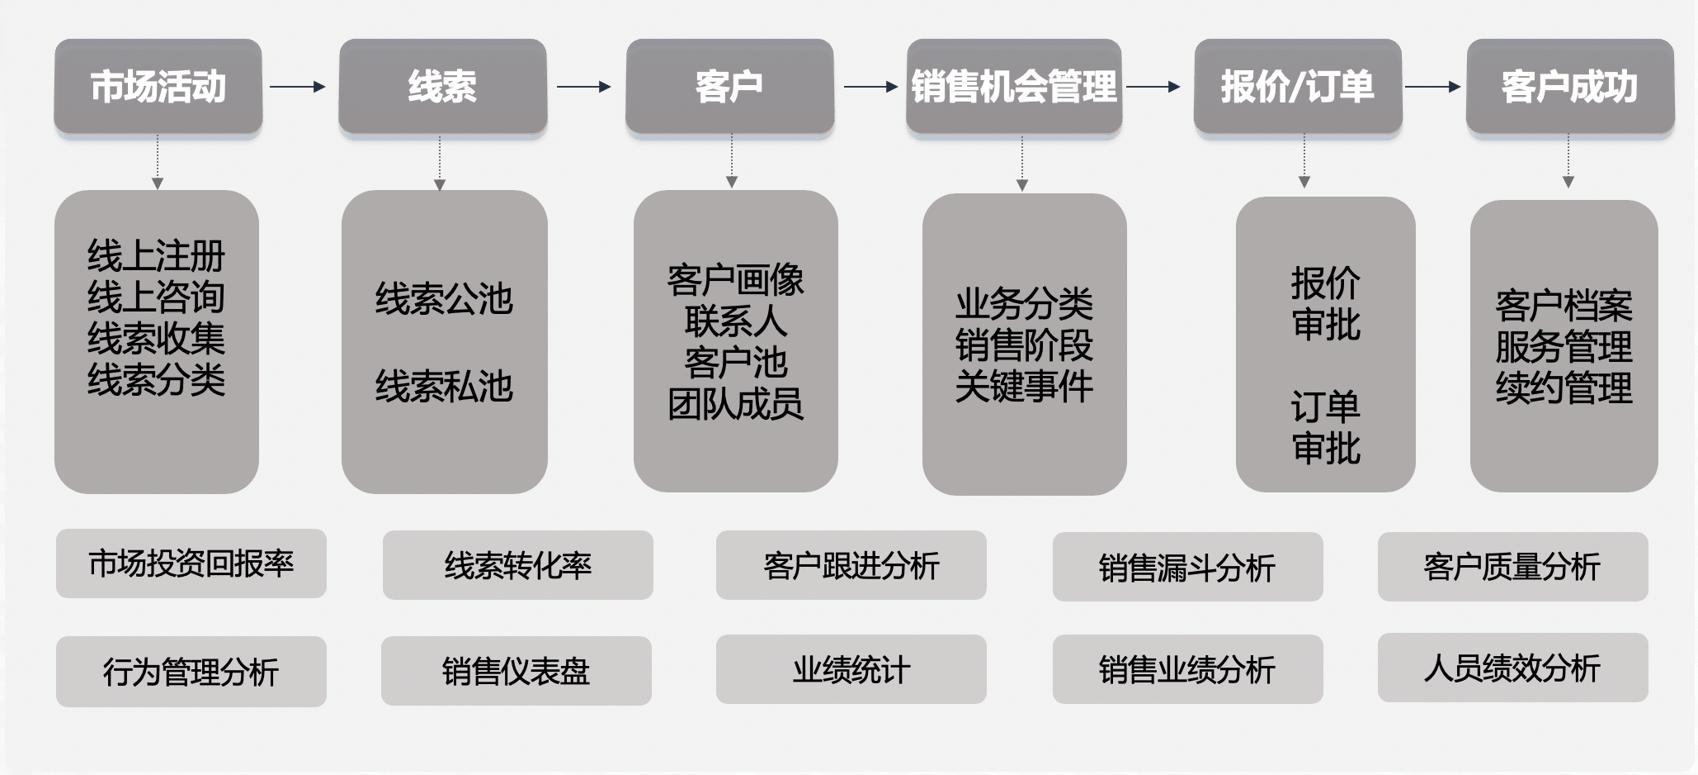 石墨文档-图片2(1).png